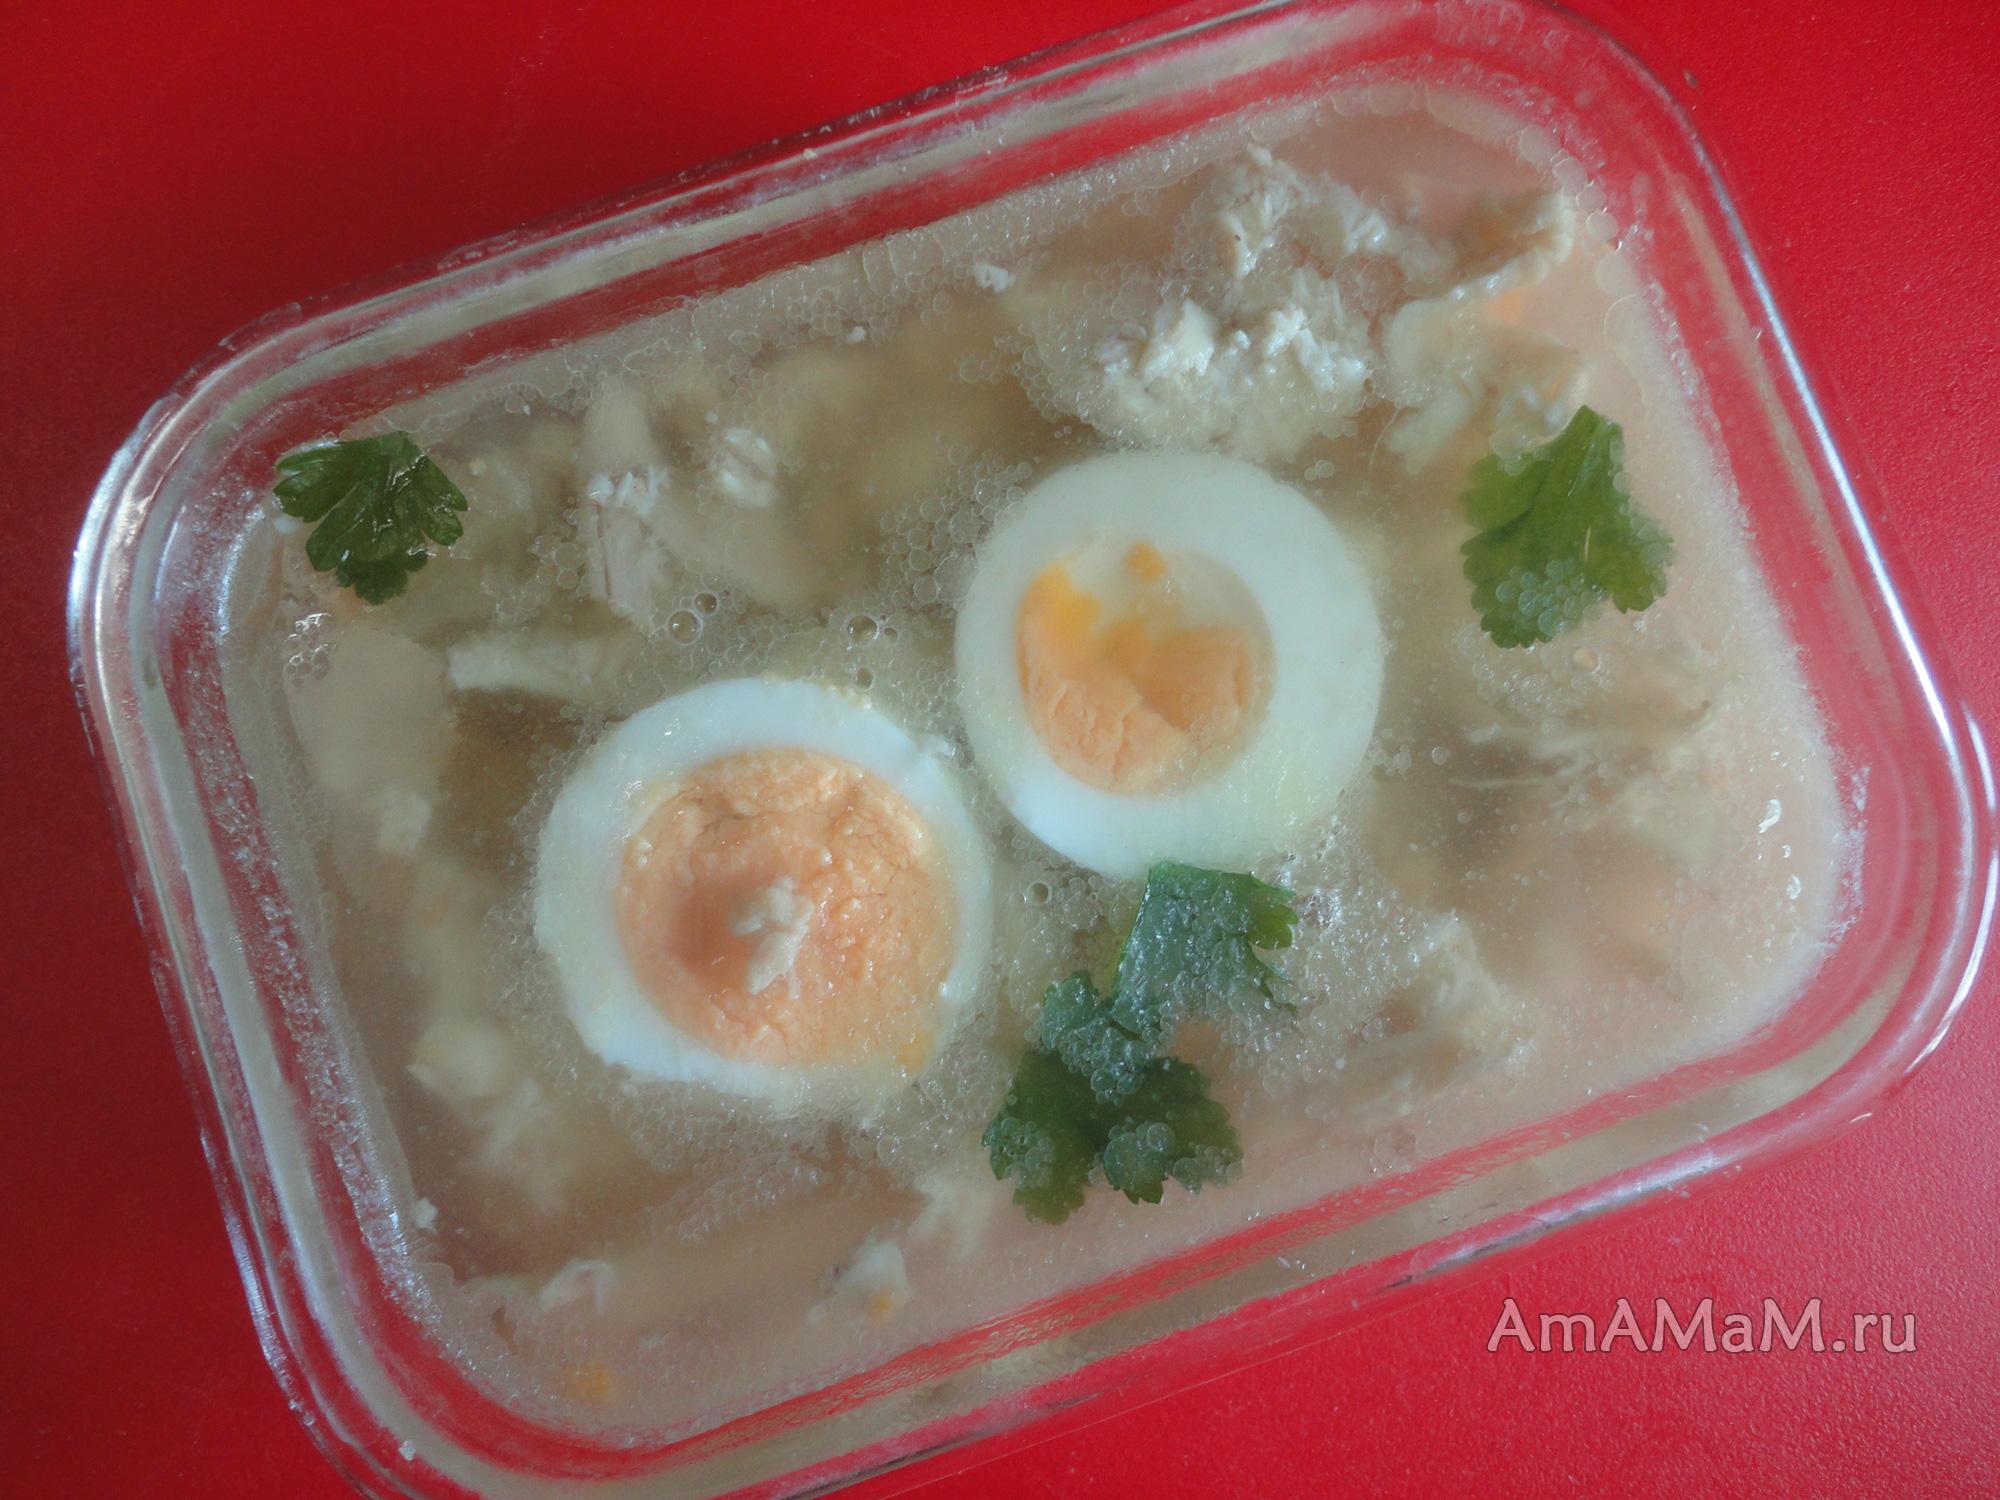 холодец рецепт приготовления домашнего холодца